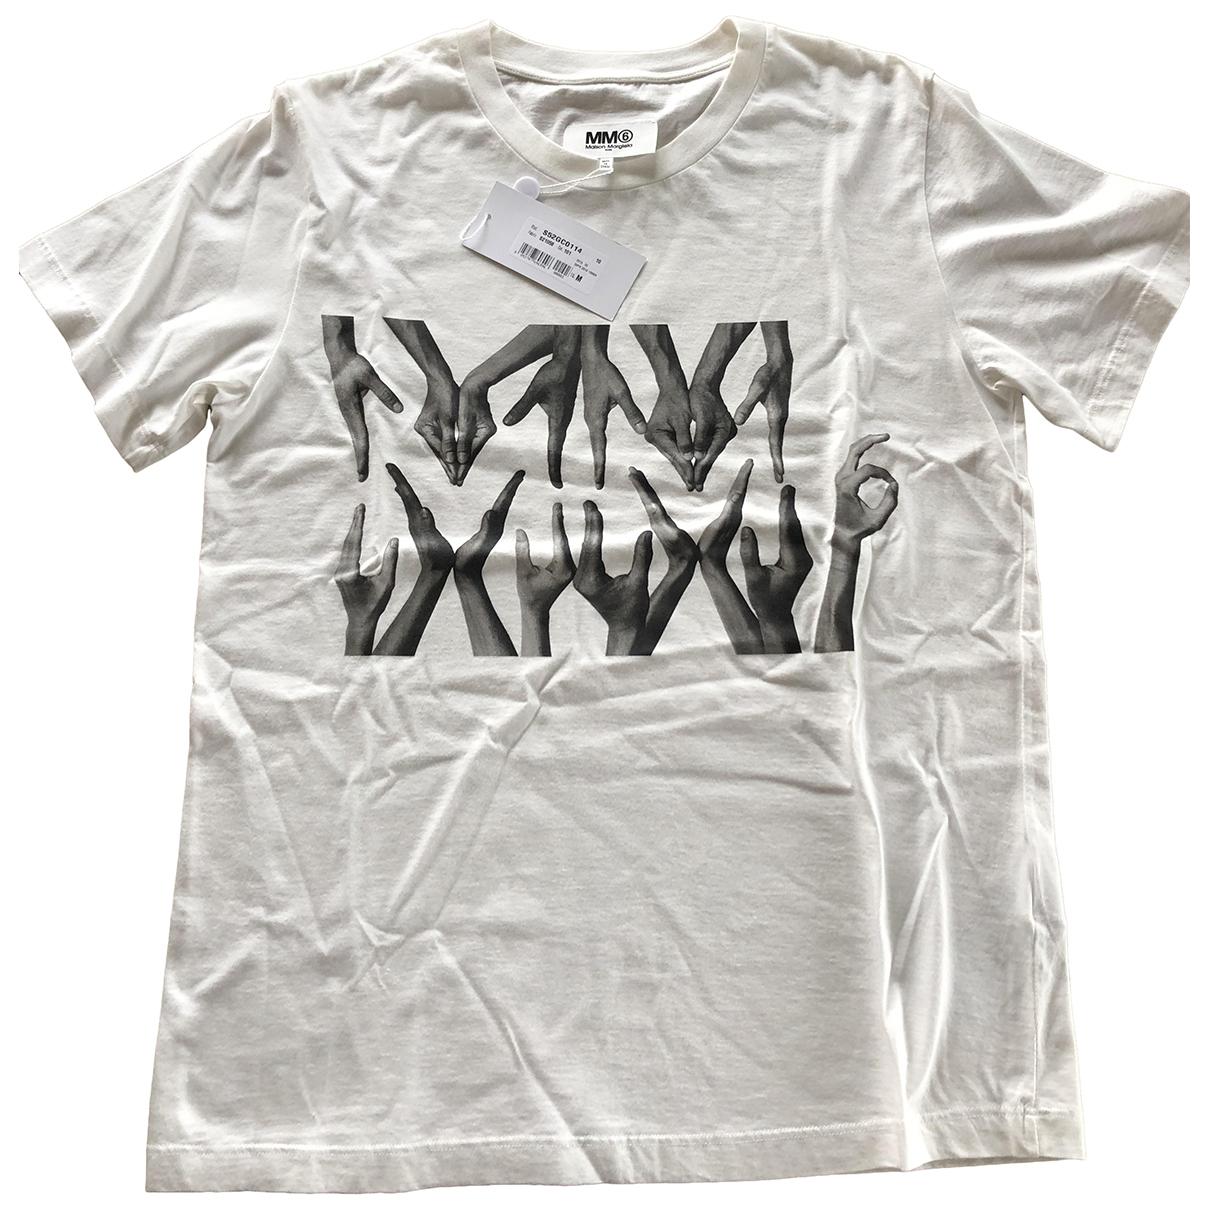 Mm6 \N Top in  Weiss Baumwolle